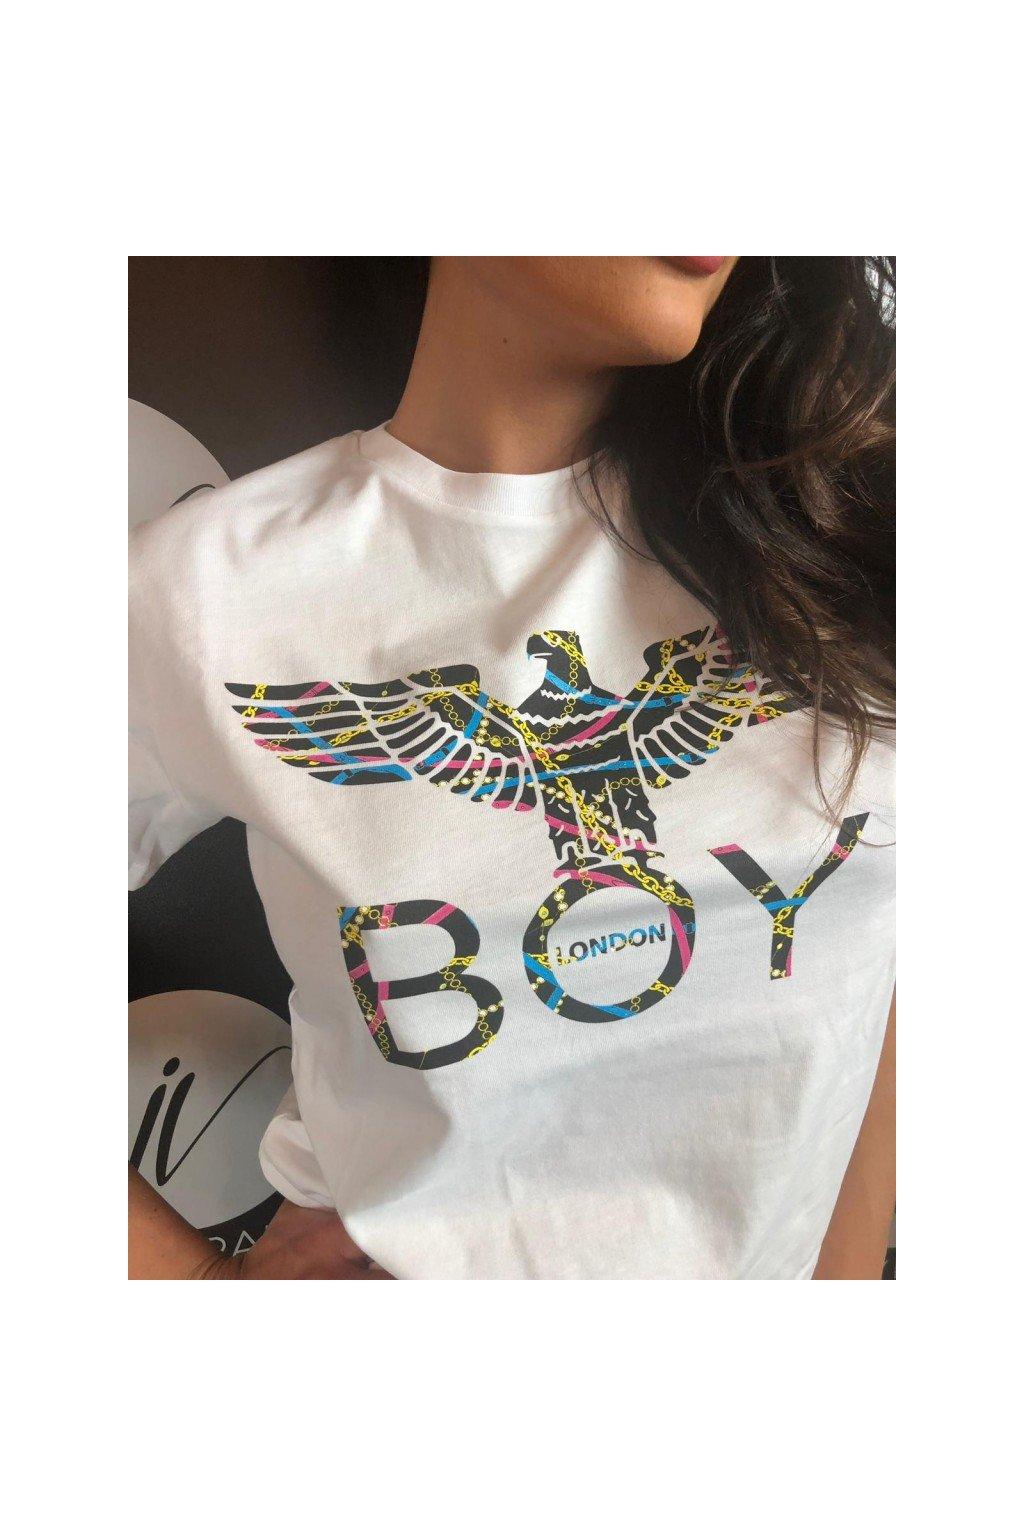 Tričko s barevným znakem Boy London - bílé (Velikost Velikost XS)